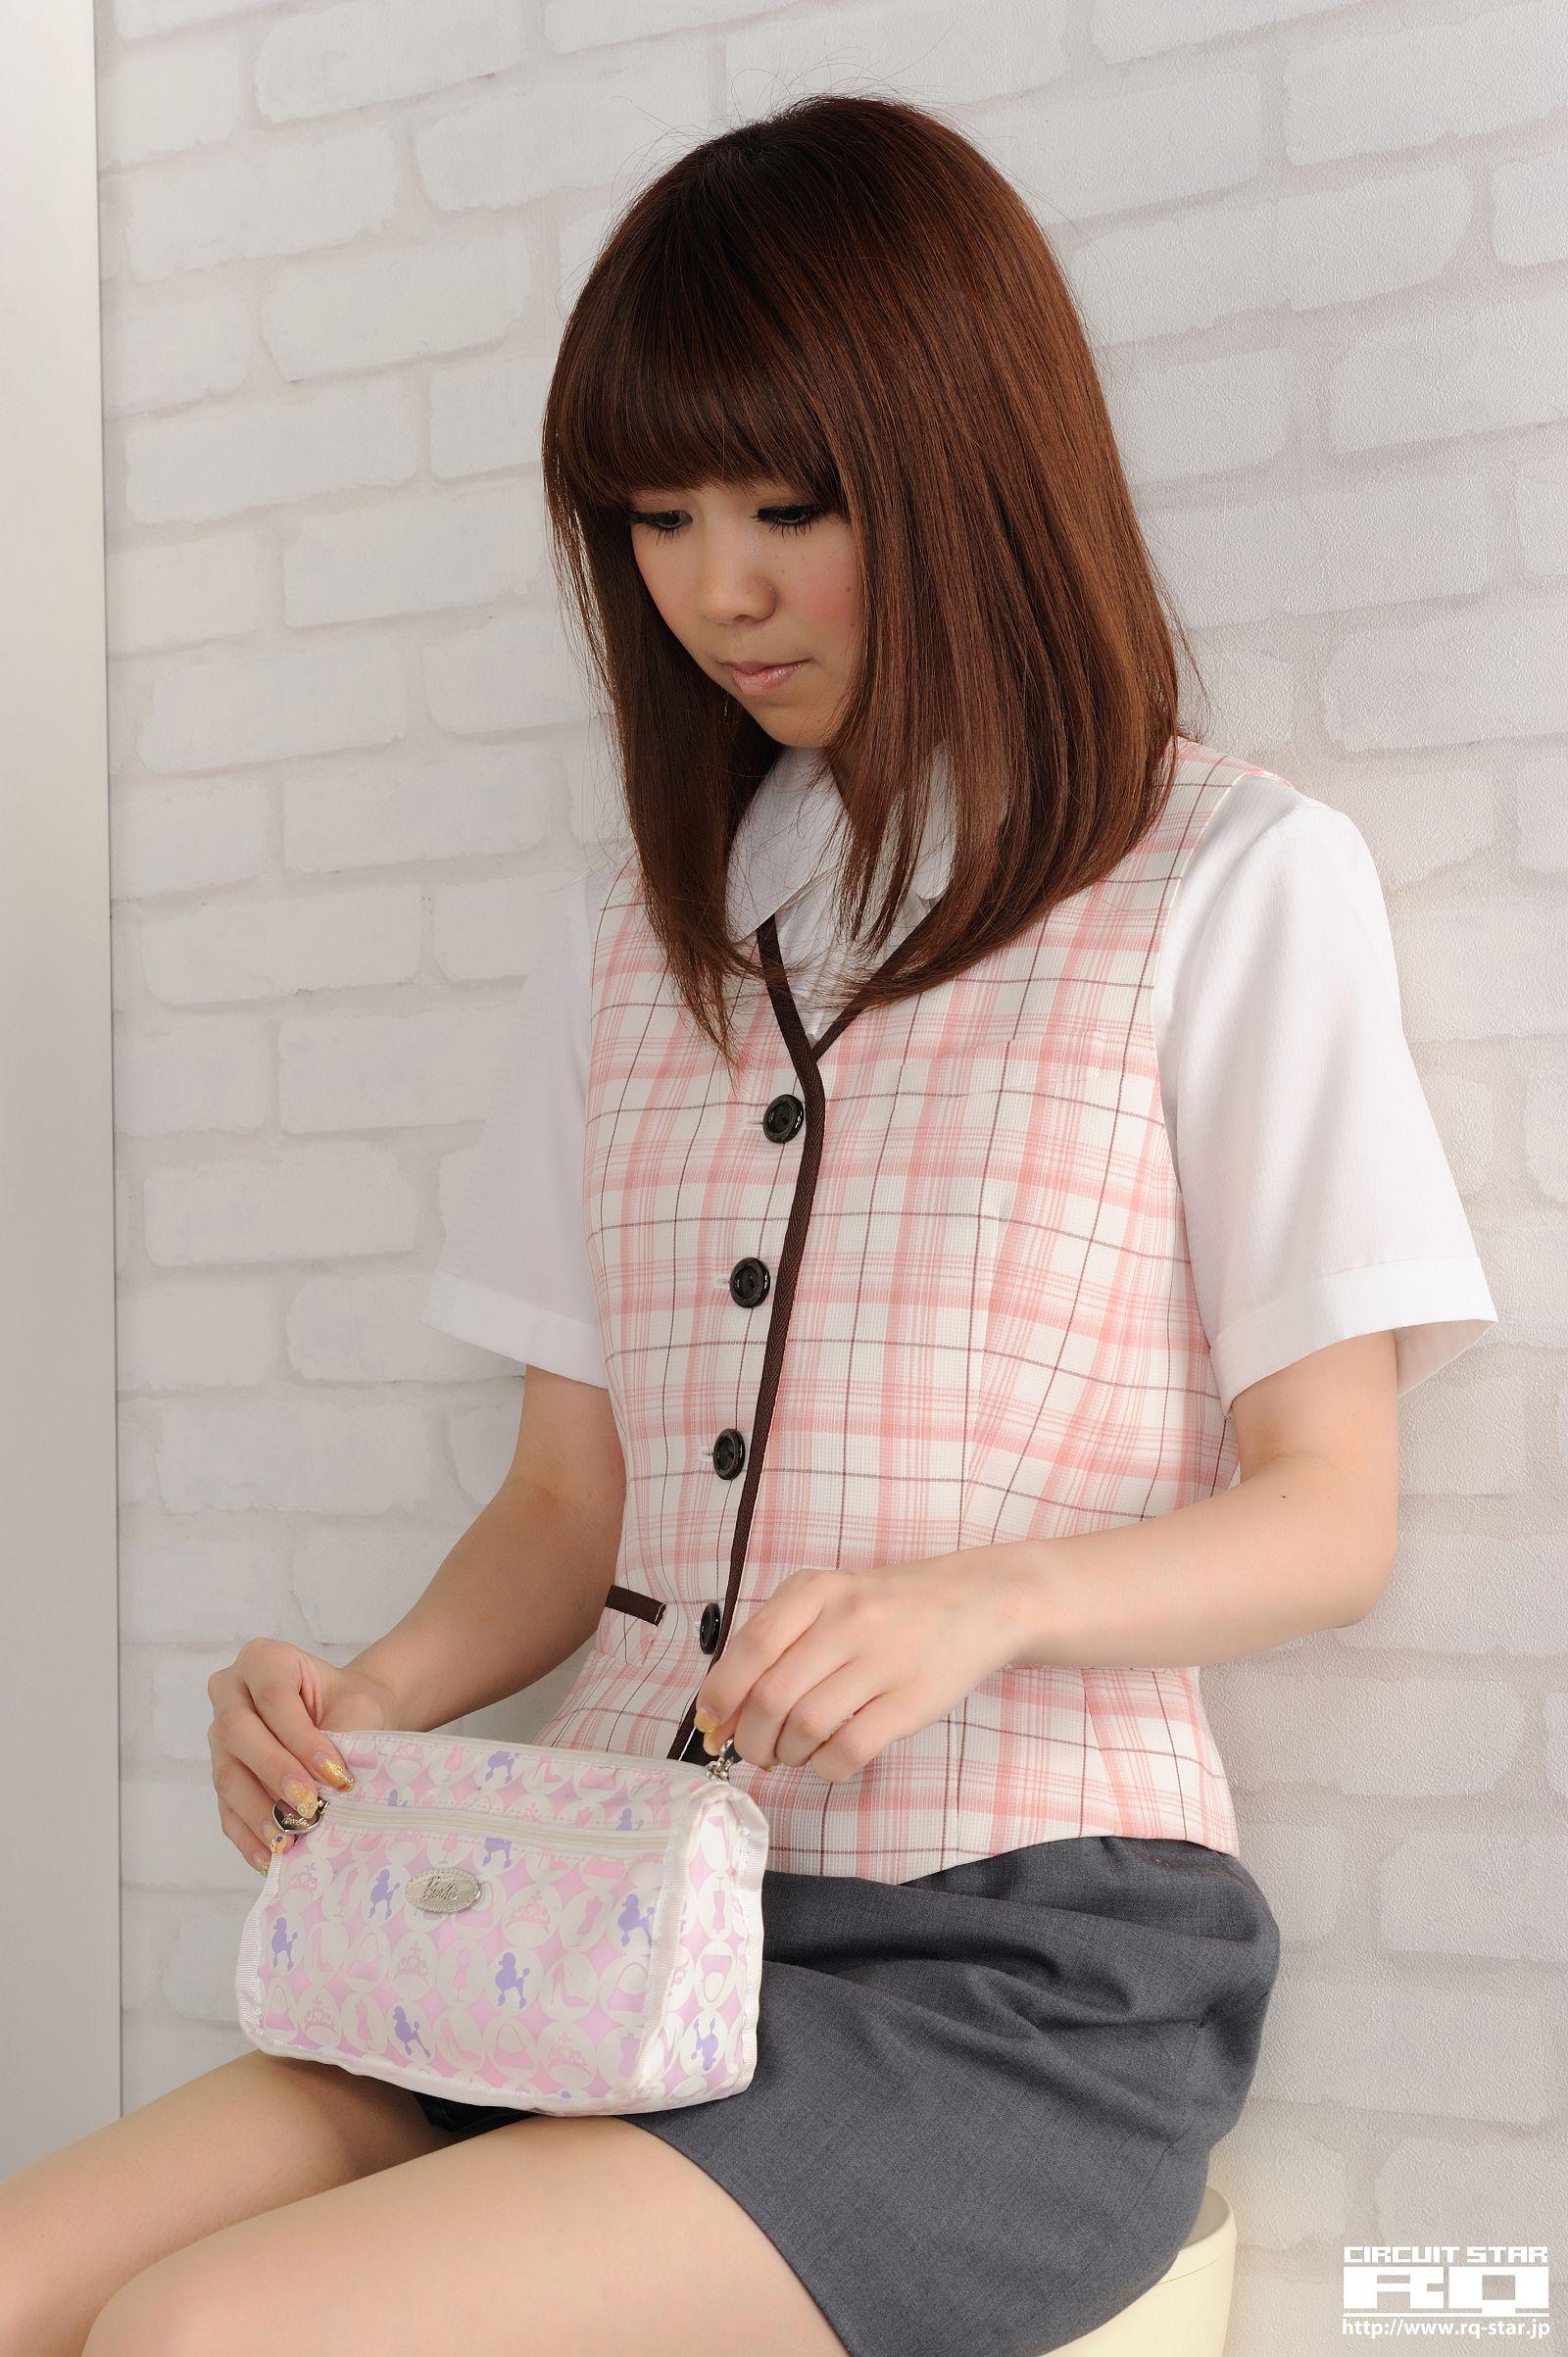 [RQ STAR美女] NO.0384 Haruka Ikuta 生田晴香 Office Lady[140P] RQ STAR 第3张